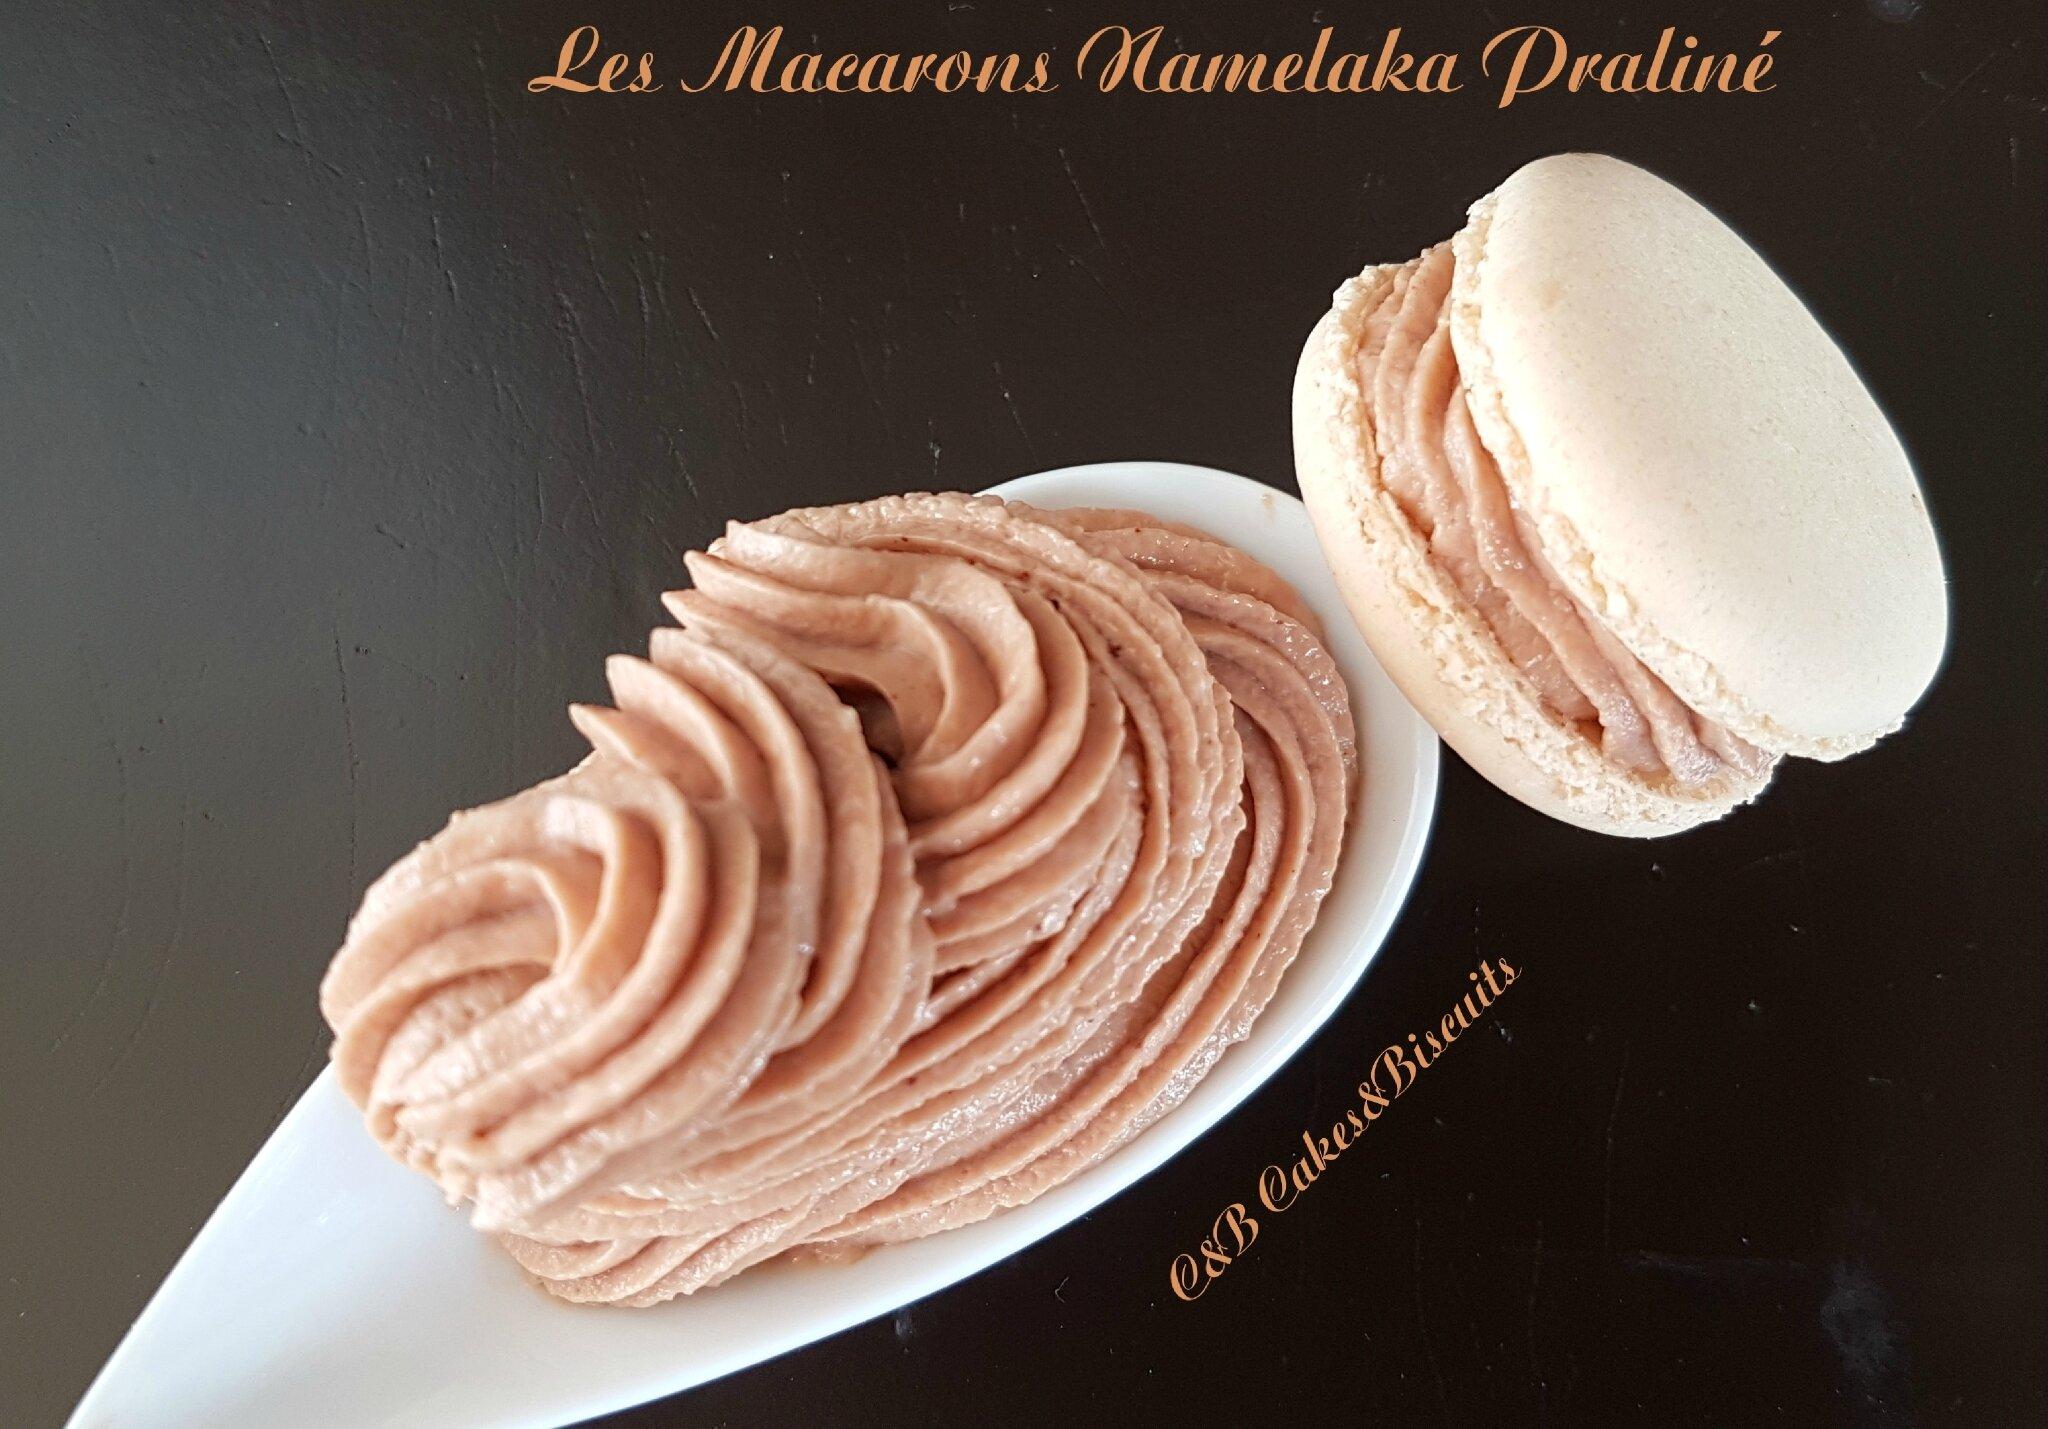 Les Macarons Namelaka Praliné